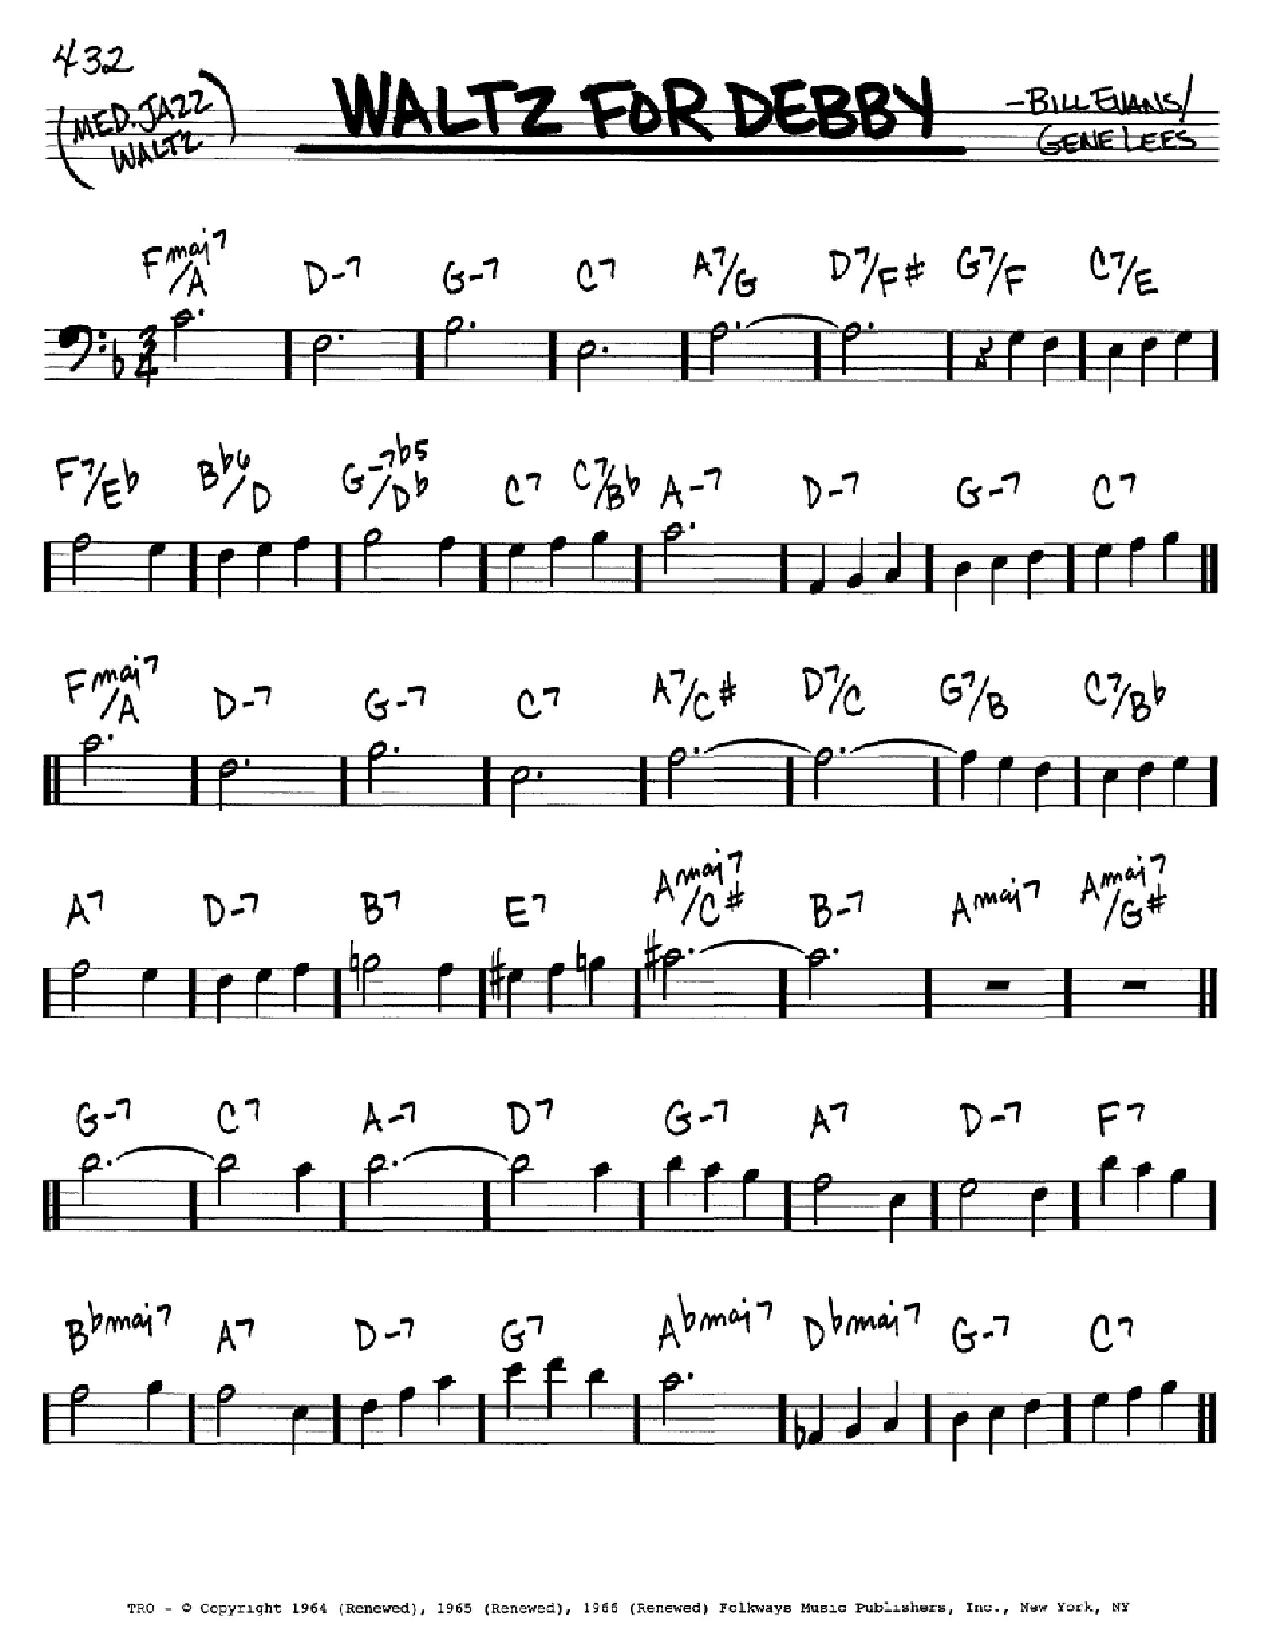 Partition autre Waltz For Debby de Bill Evans - Real Book, Melodie et Accords, Inst. En cle de Fa